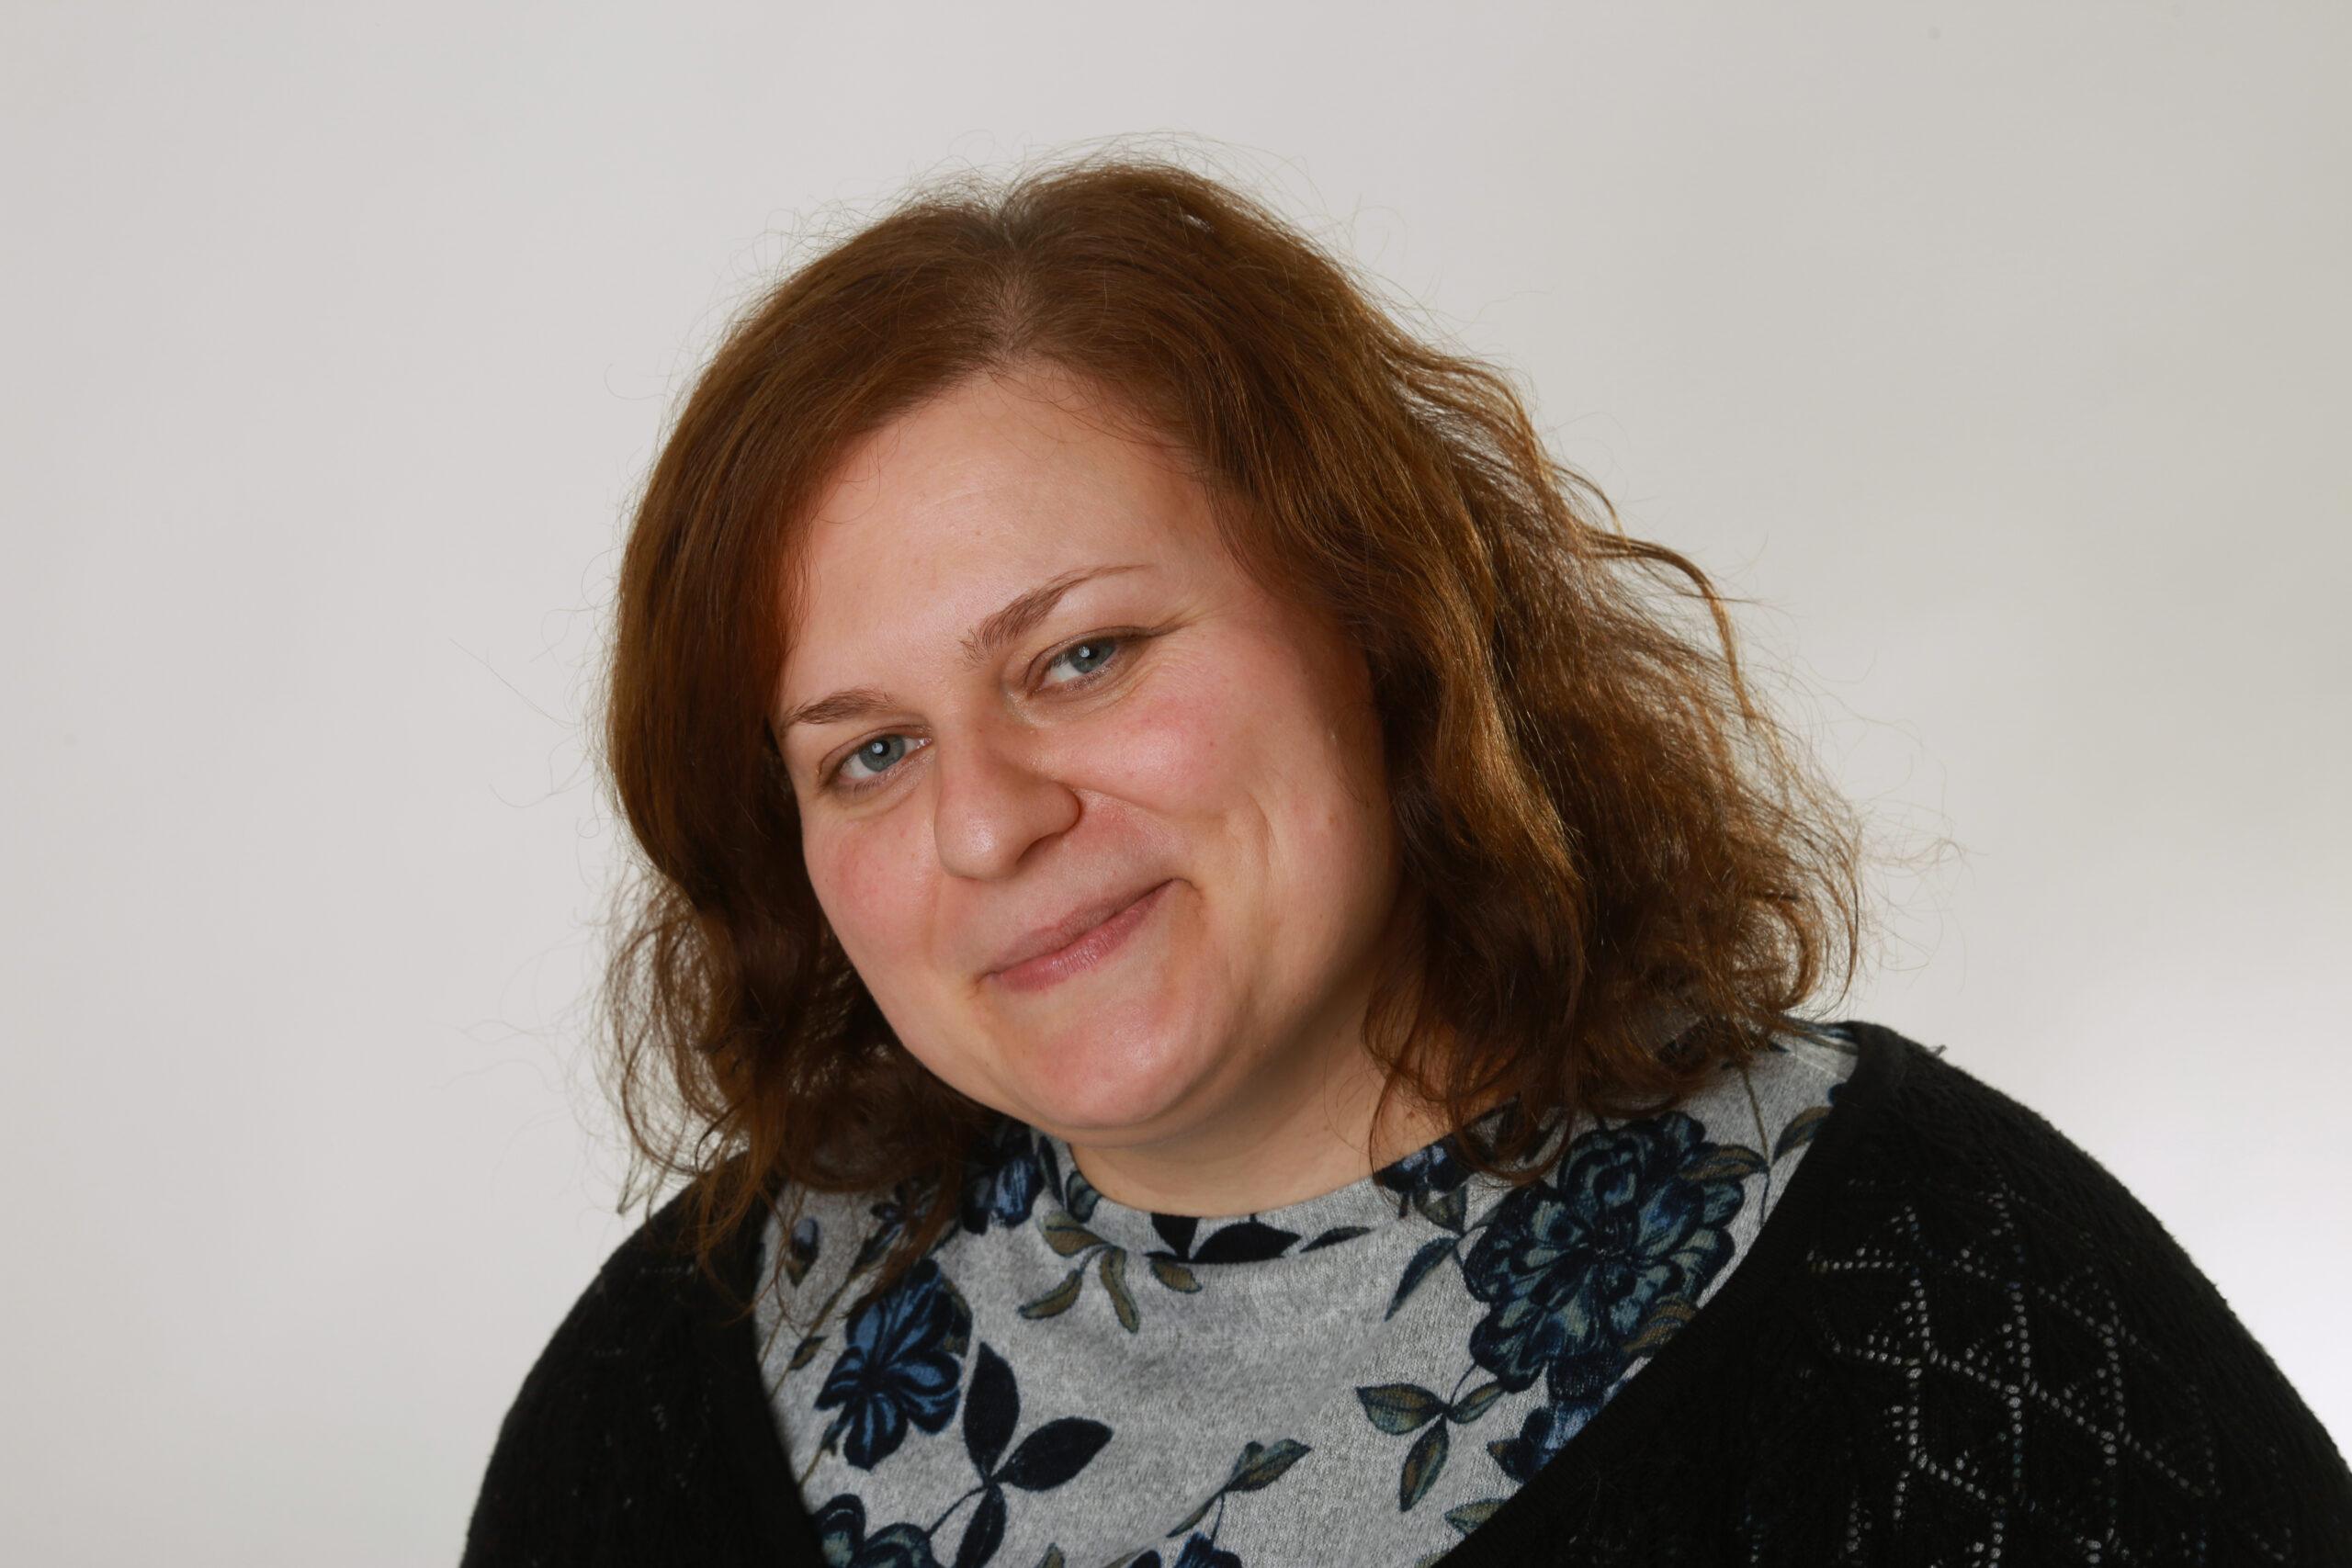 Opersttiponssjuksköterskan Izabella bor i Järnboås, Nora kommun.